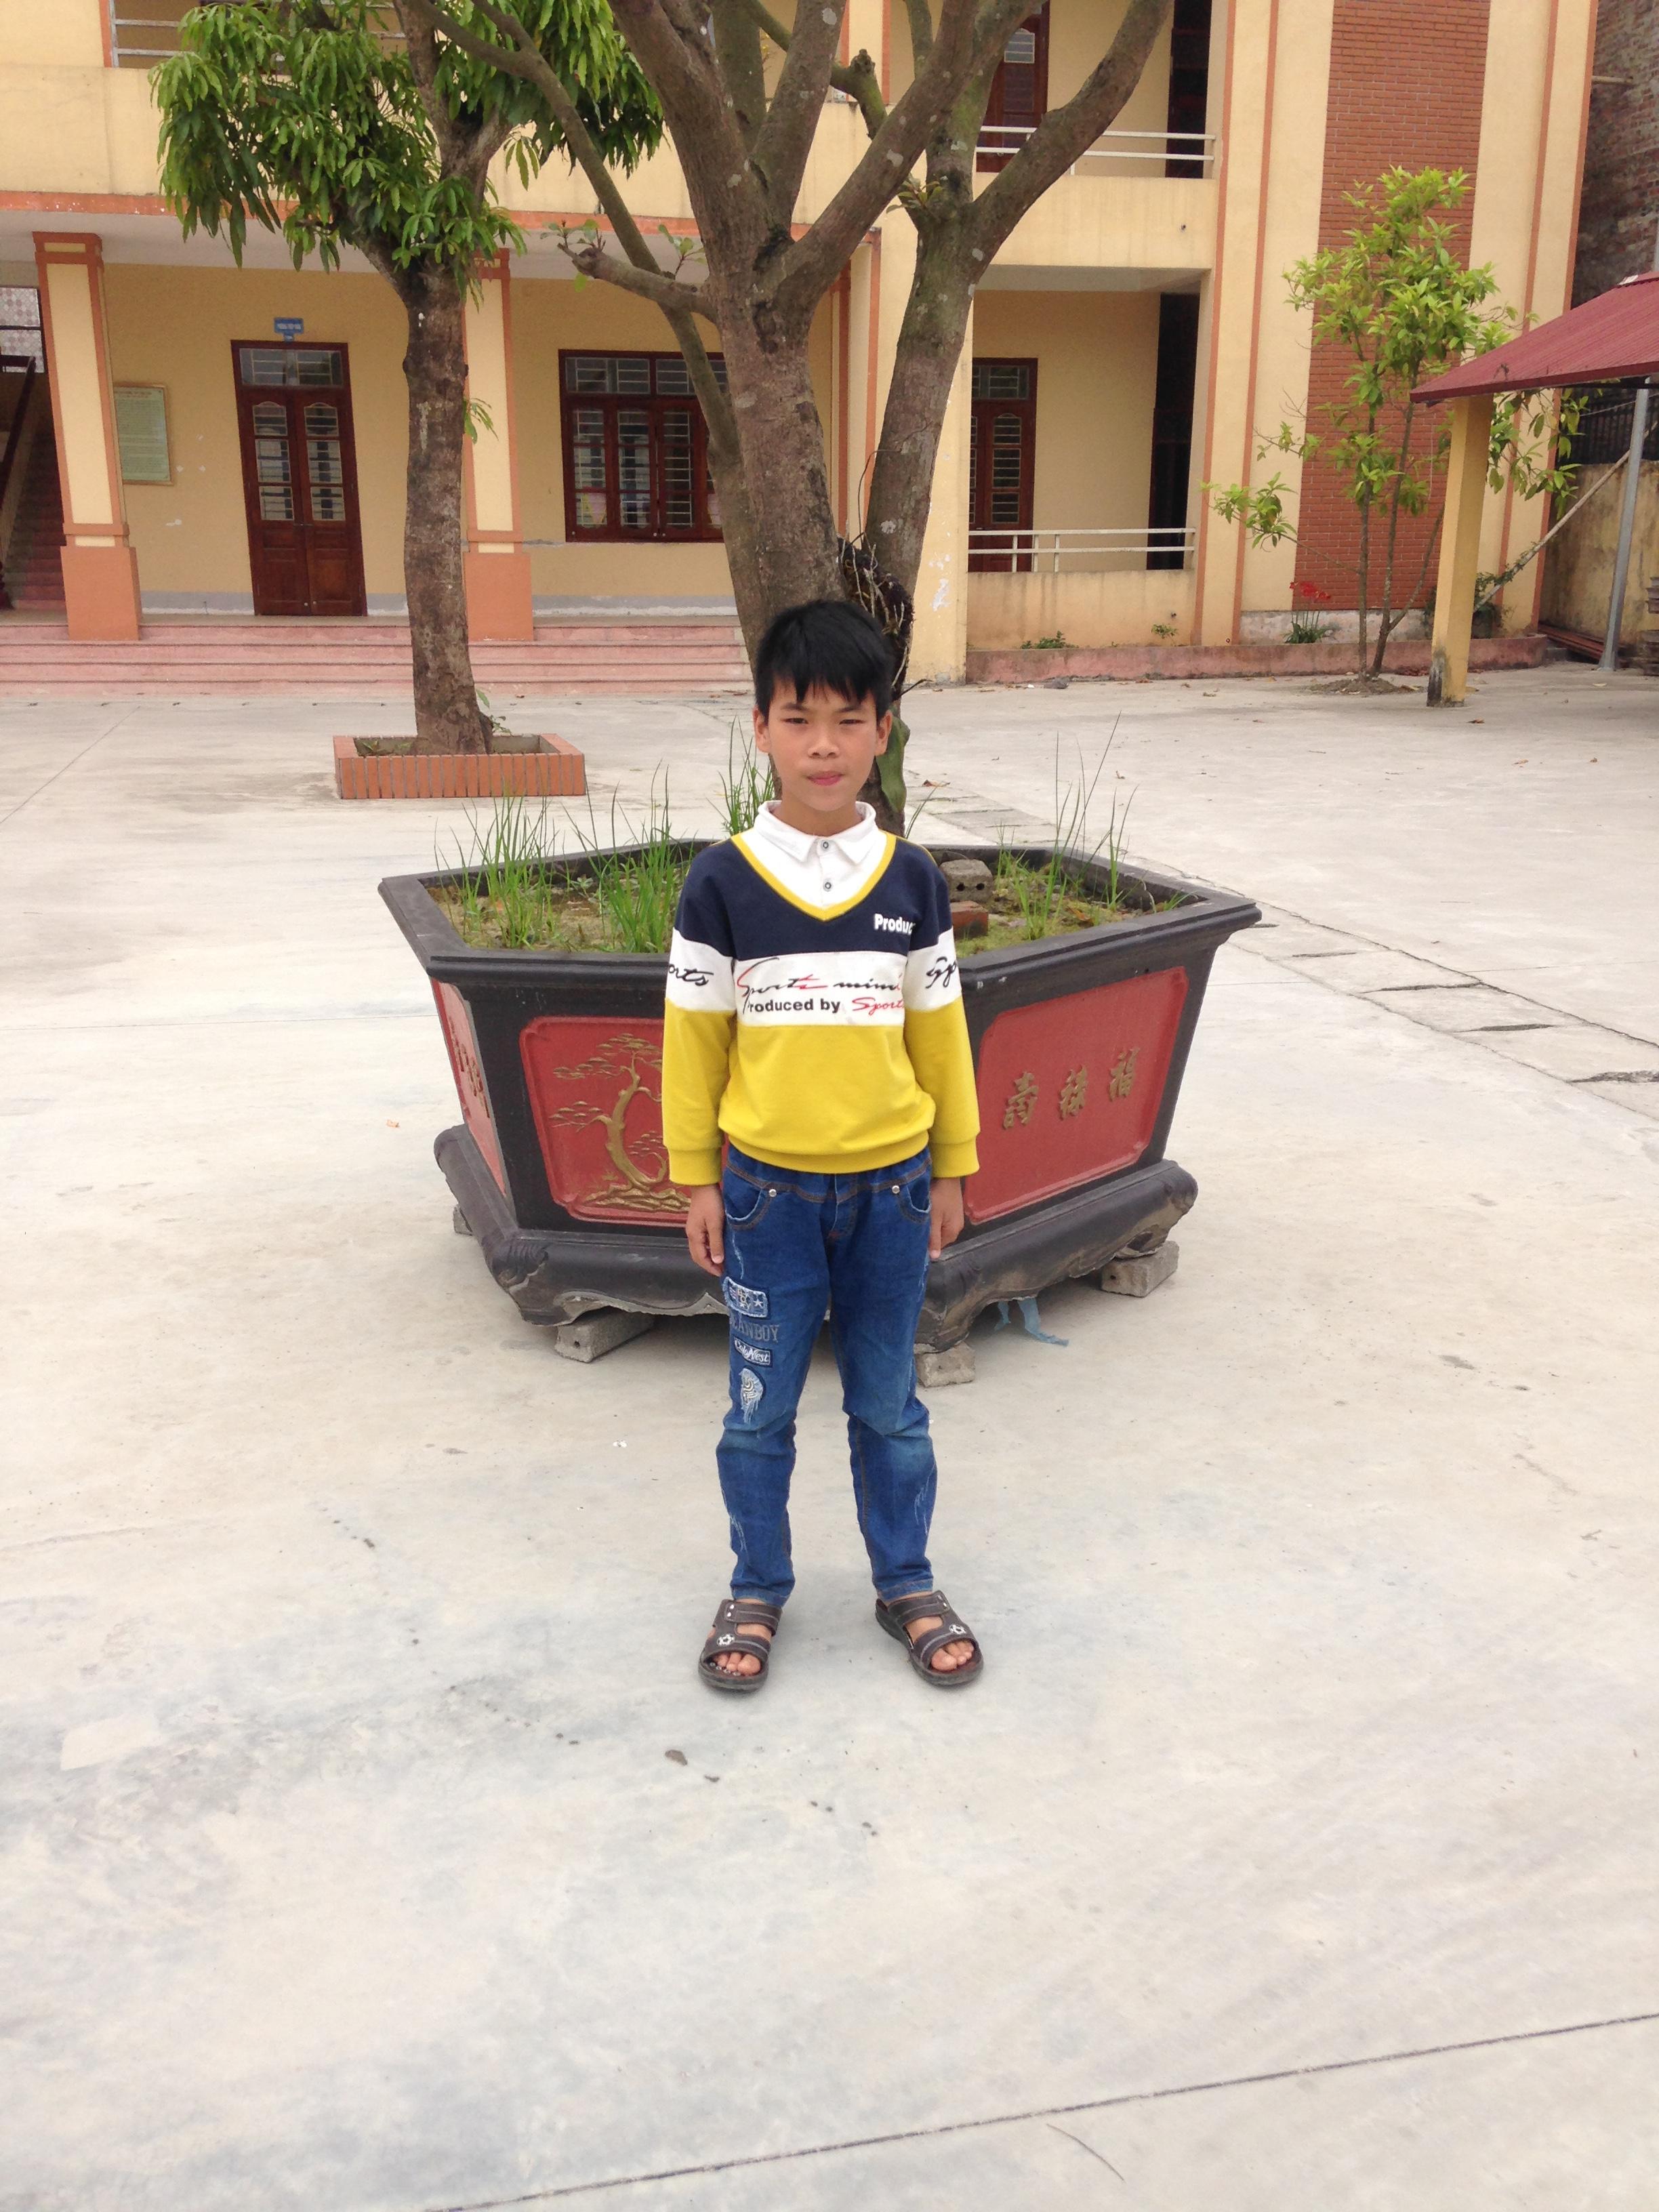 LUDDENS_PHAM Huu Dat